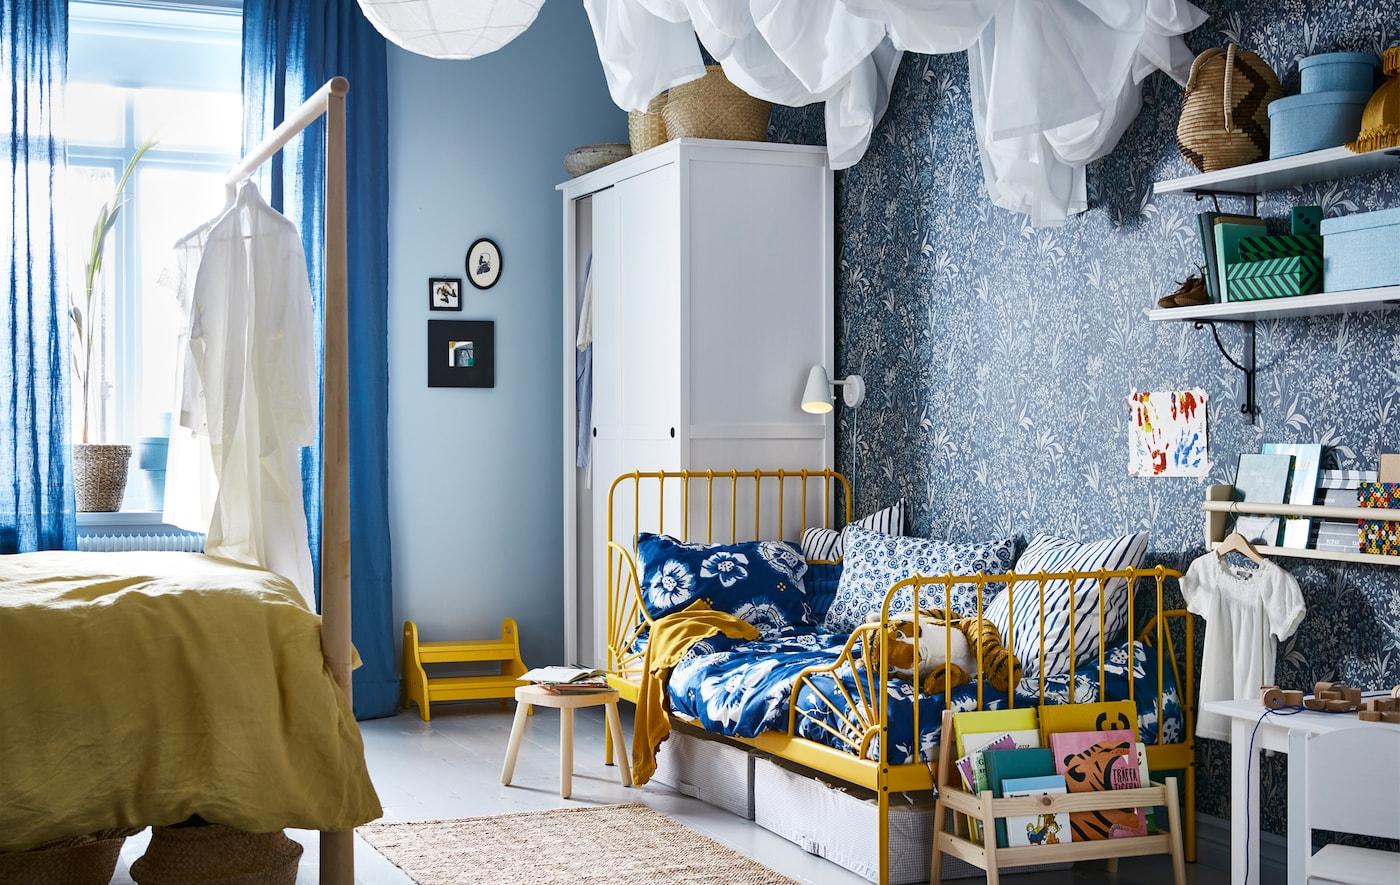 Spavaća soba sa shemom plave i žute boje s krevetom za odrasle na jednoj strani i dječjim krevetom na drugoj.